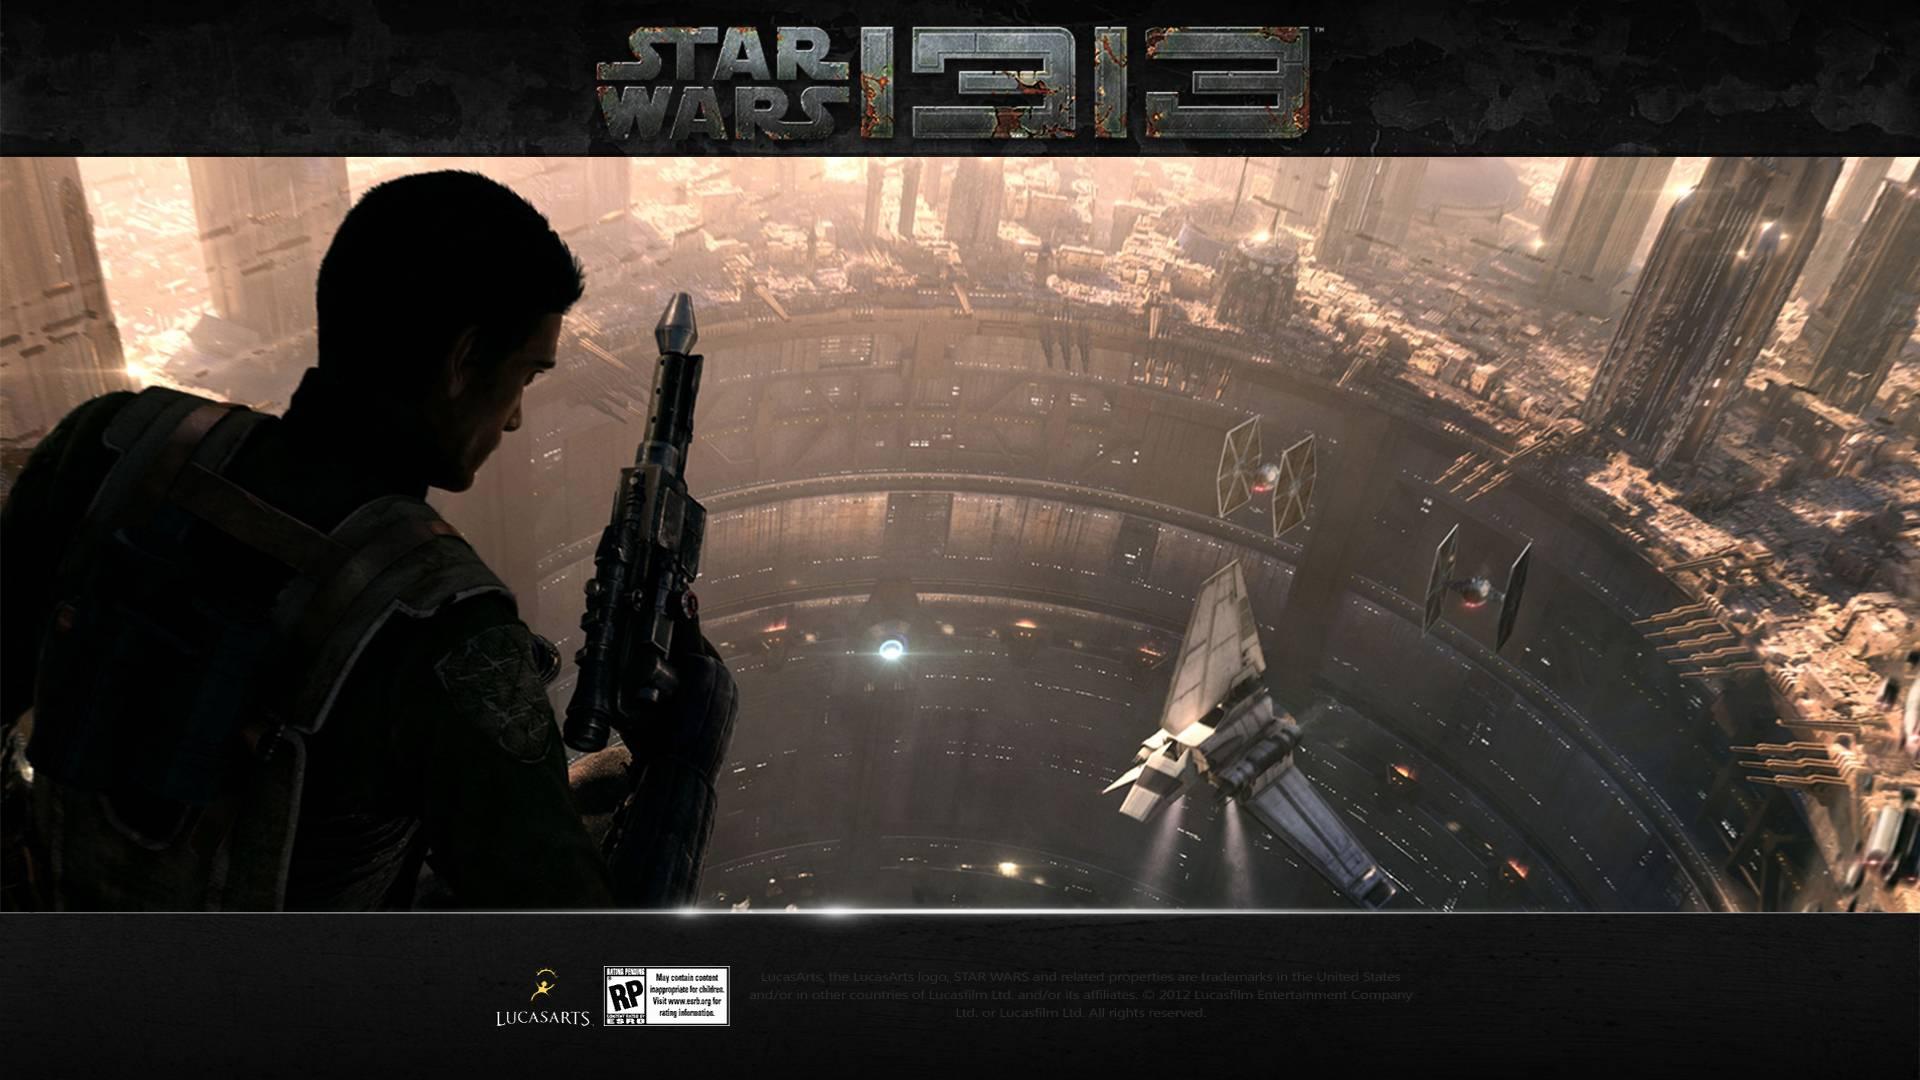 Free Download Hd Wallpapers 1080p Stars Star Wars 1313 Hd